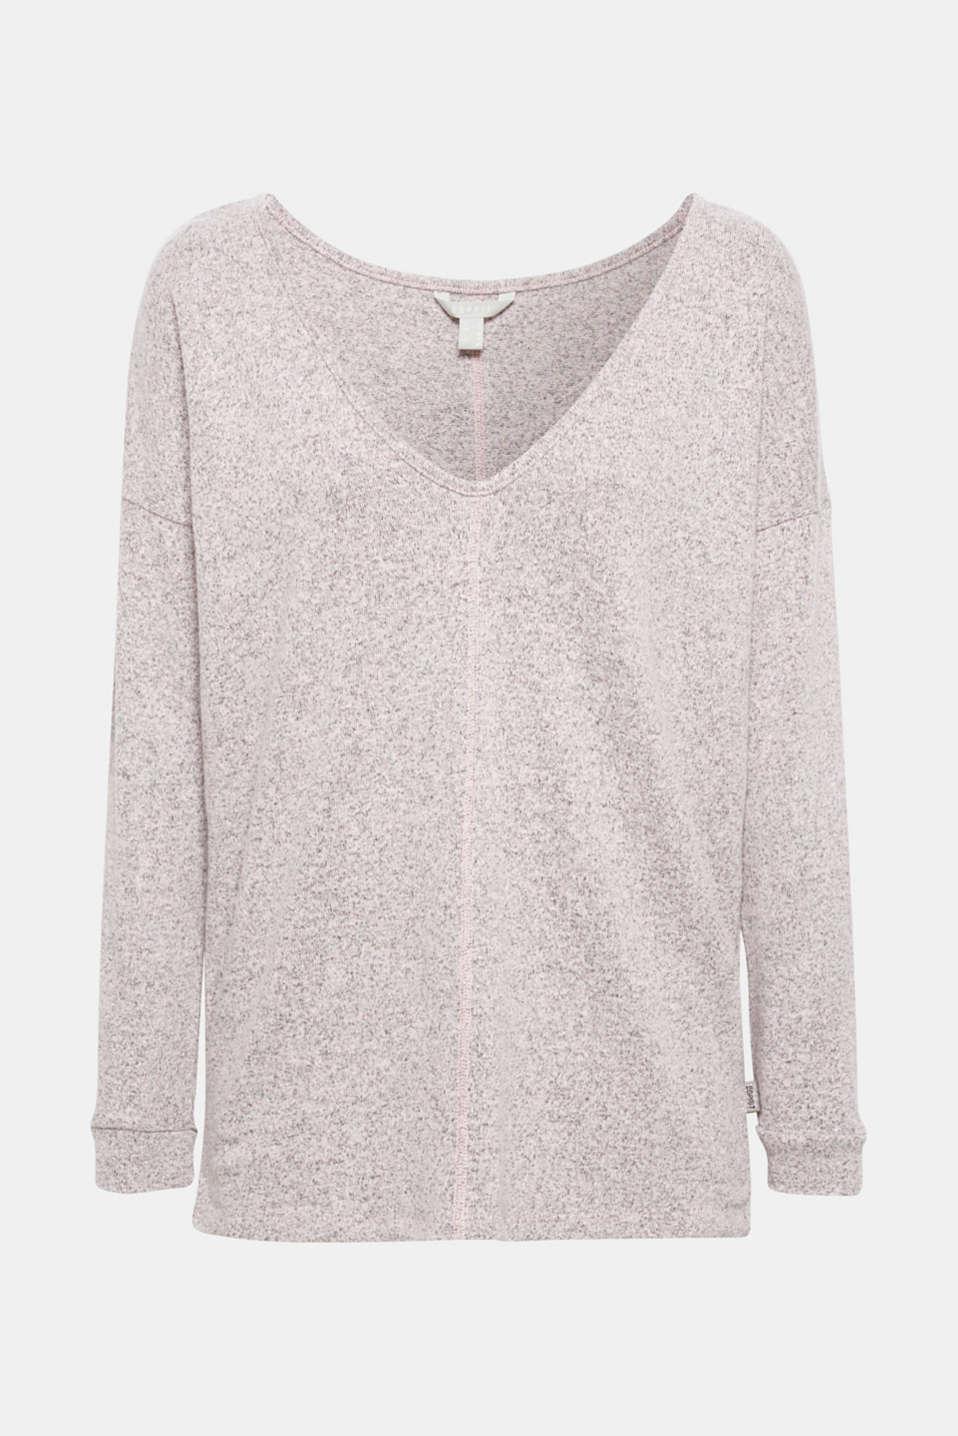 Sweatshirts, OLD PINK 2, detail image number 5